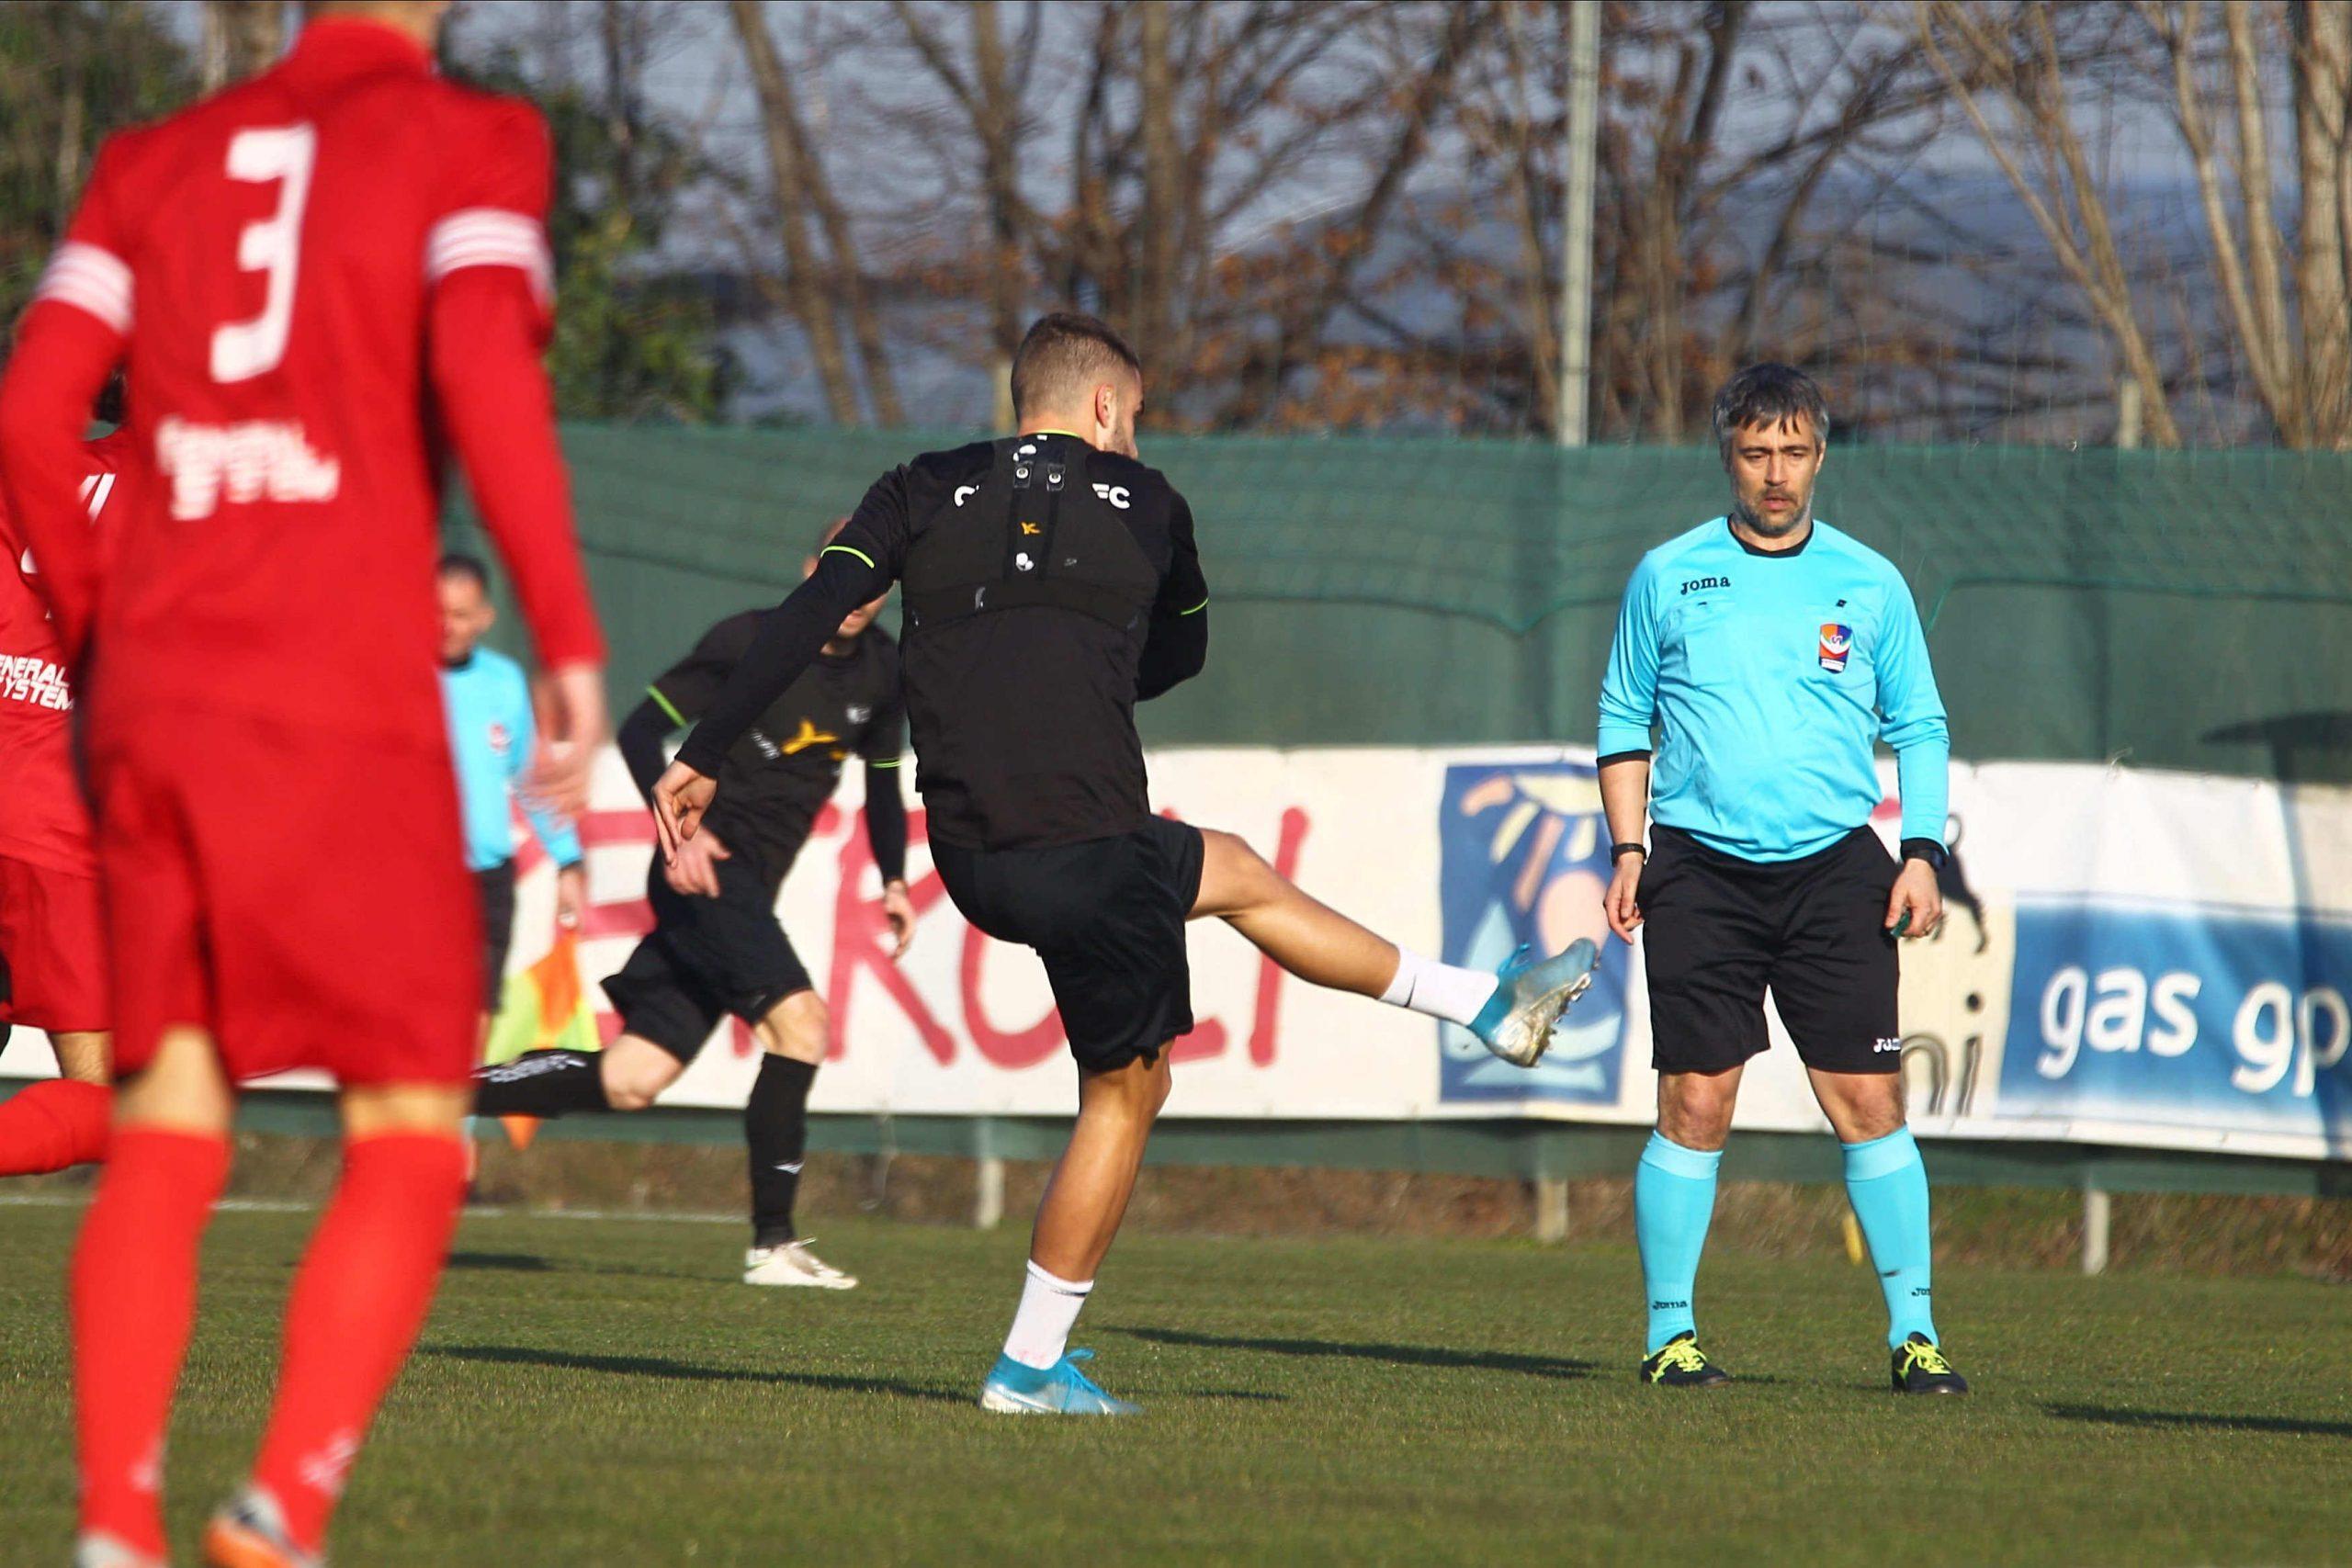 Calcio, la prevendita di Vis Pesaro-Cesena